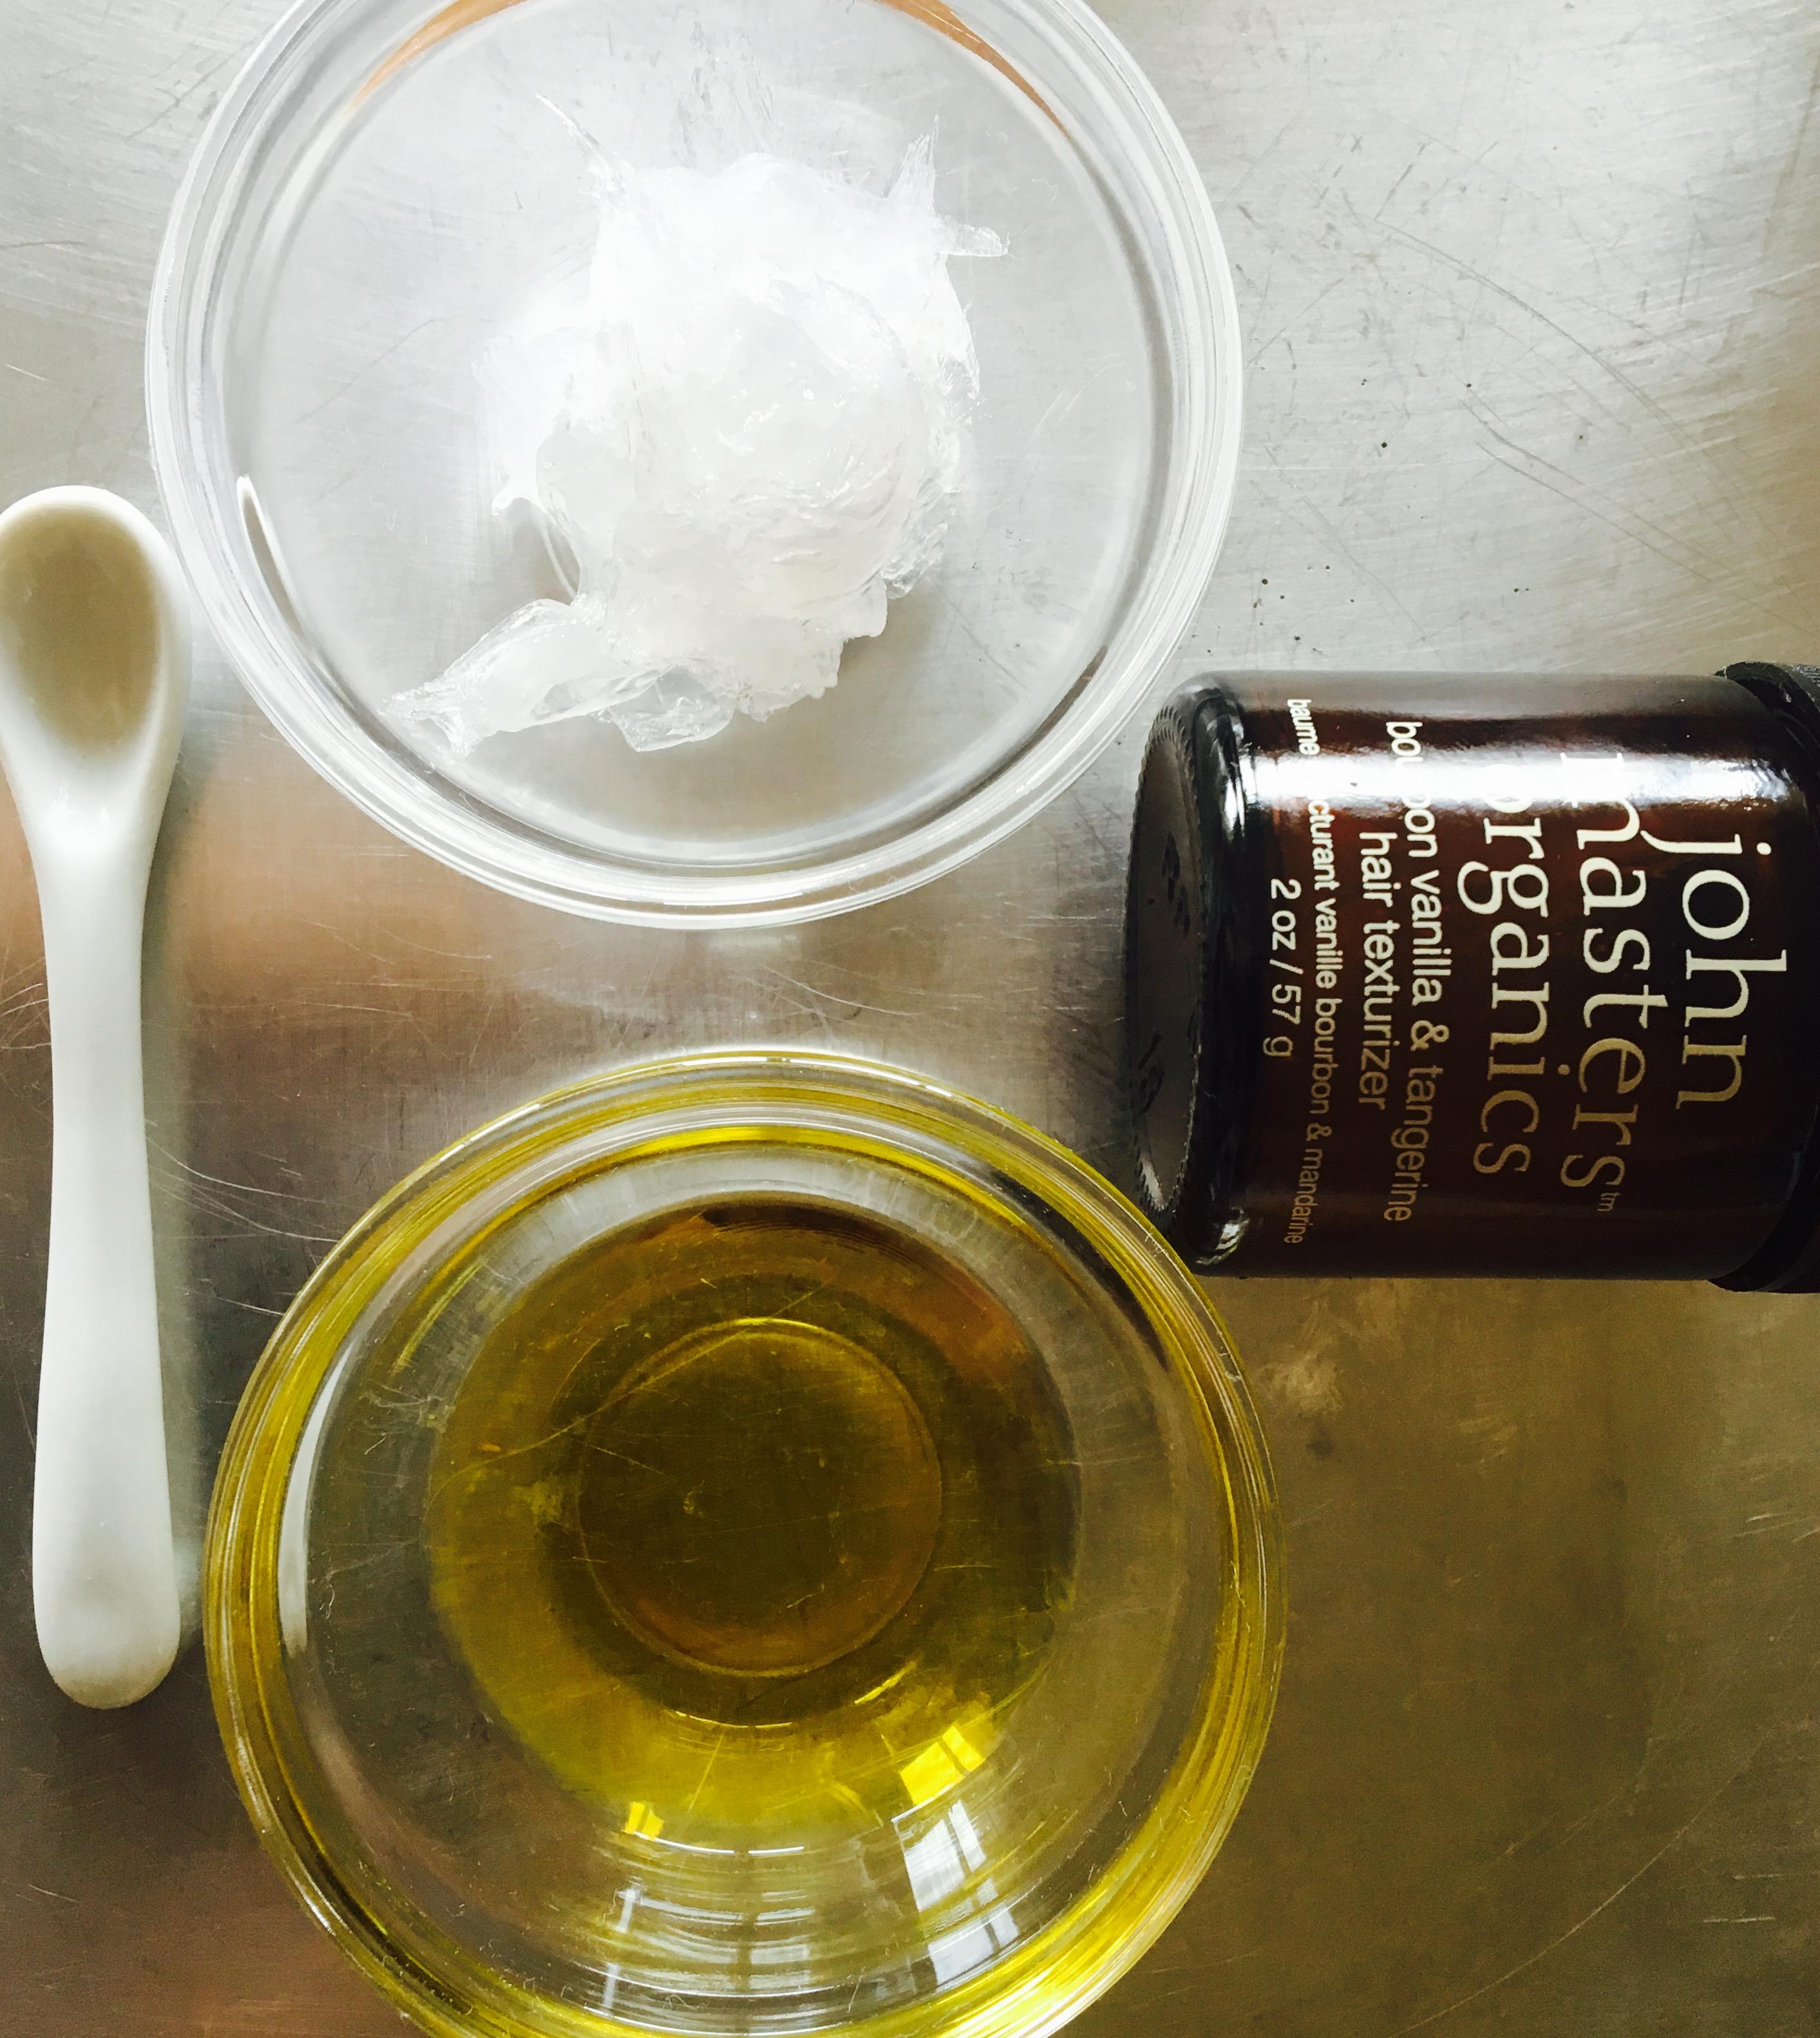 ジョンマスターオーガニックヘアワックス風手作りヘアスタイリング剤の材料オリーブオイルとワセリン